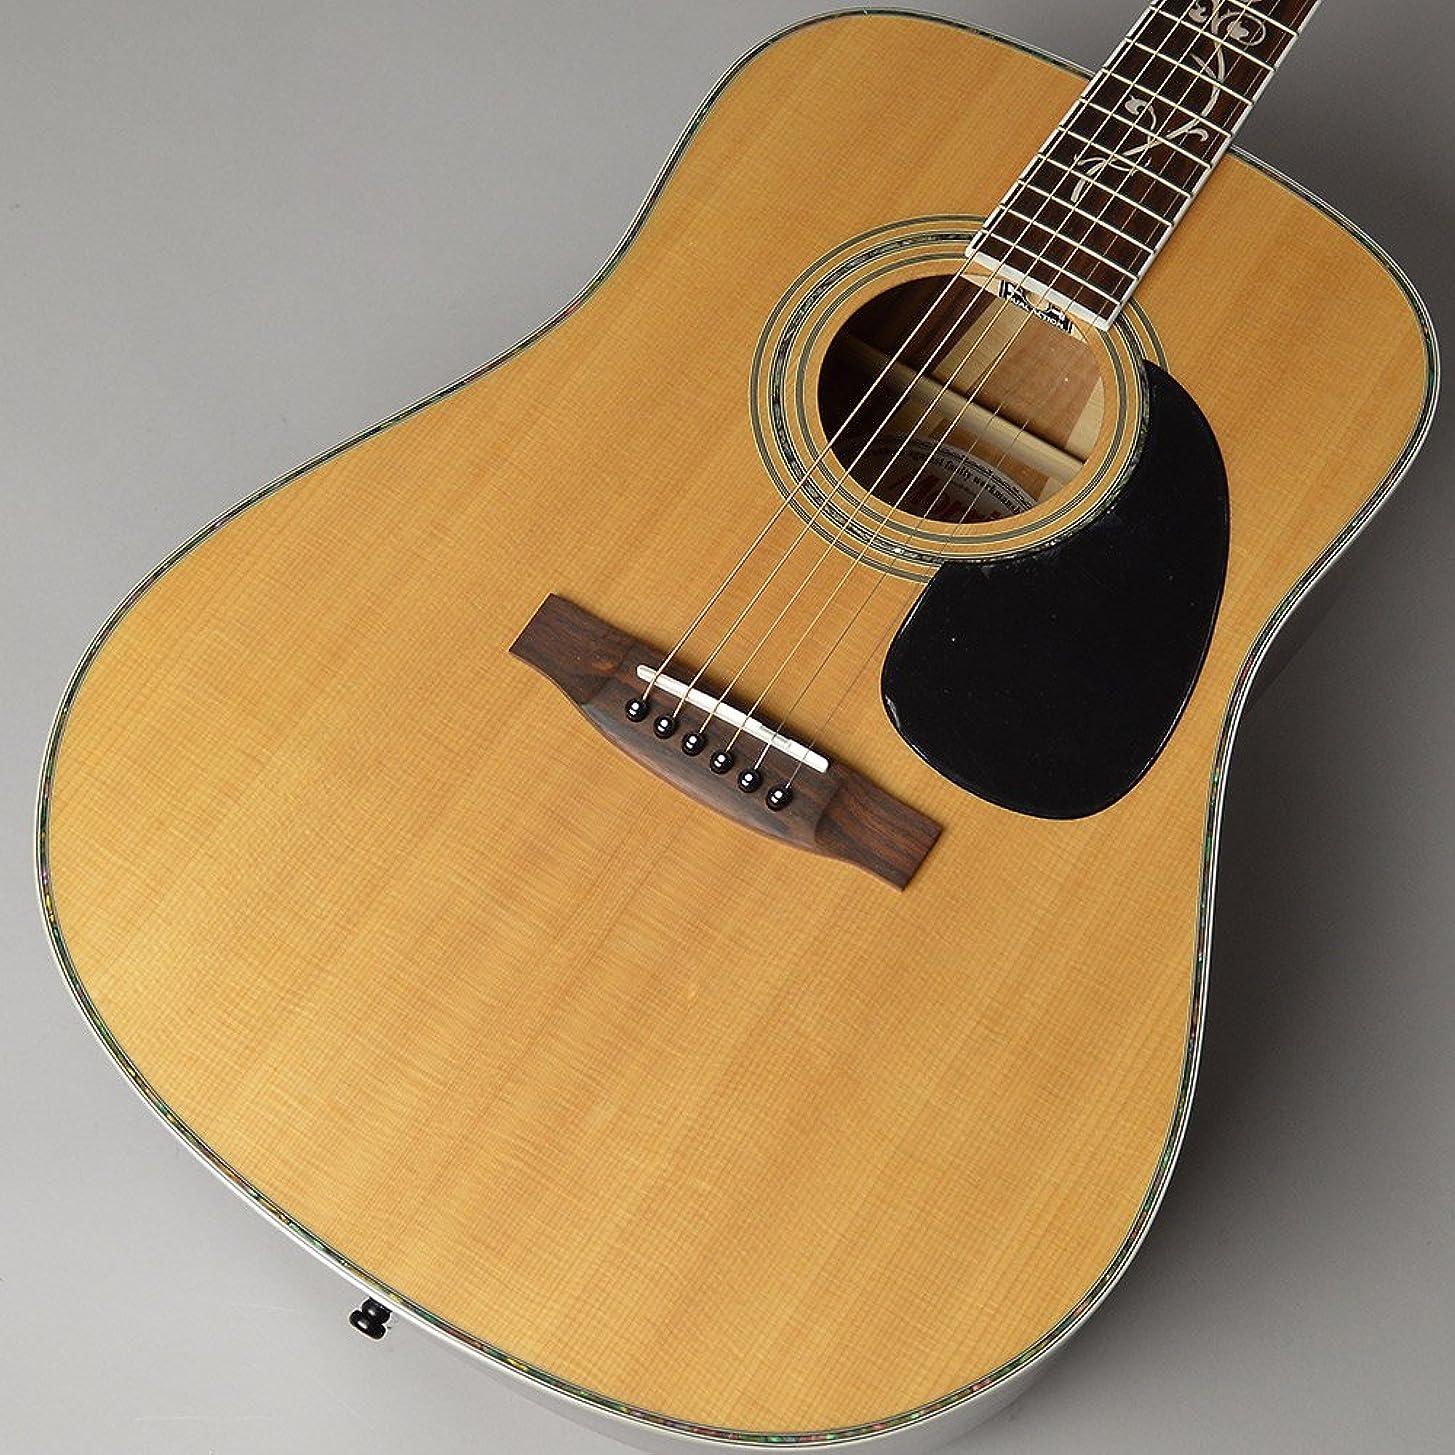 ペストリー集まるストッキングMORRIS W-705 50th Anniversary Edition NAT アコースティックギター 50周年記念モデル (モーリス) 限定生産